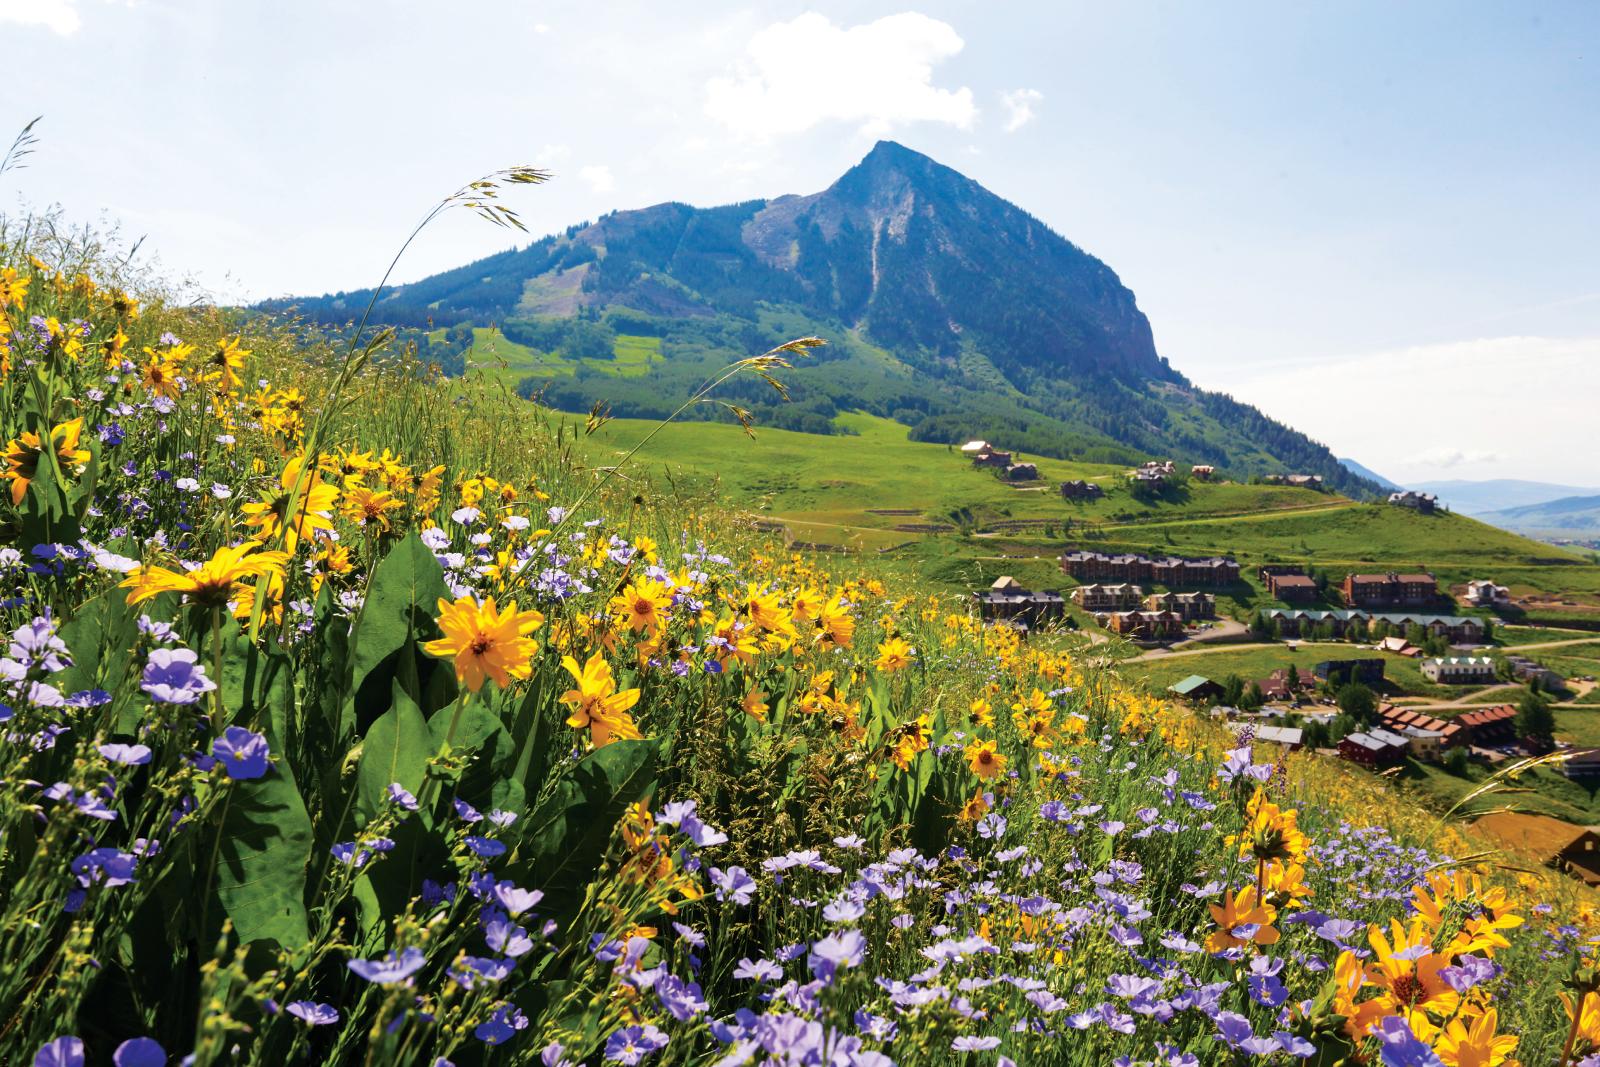 Verão em Crested Butte, Colorado